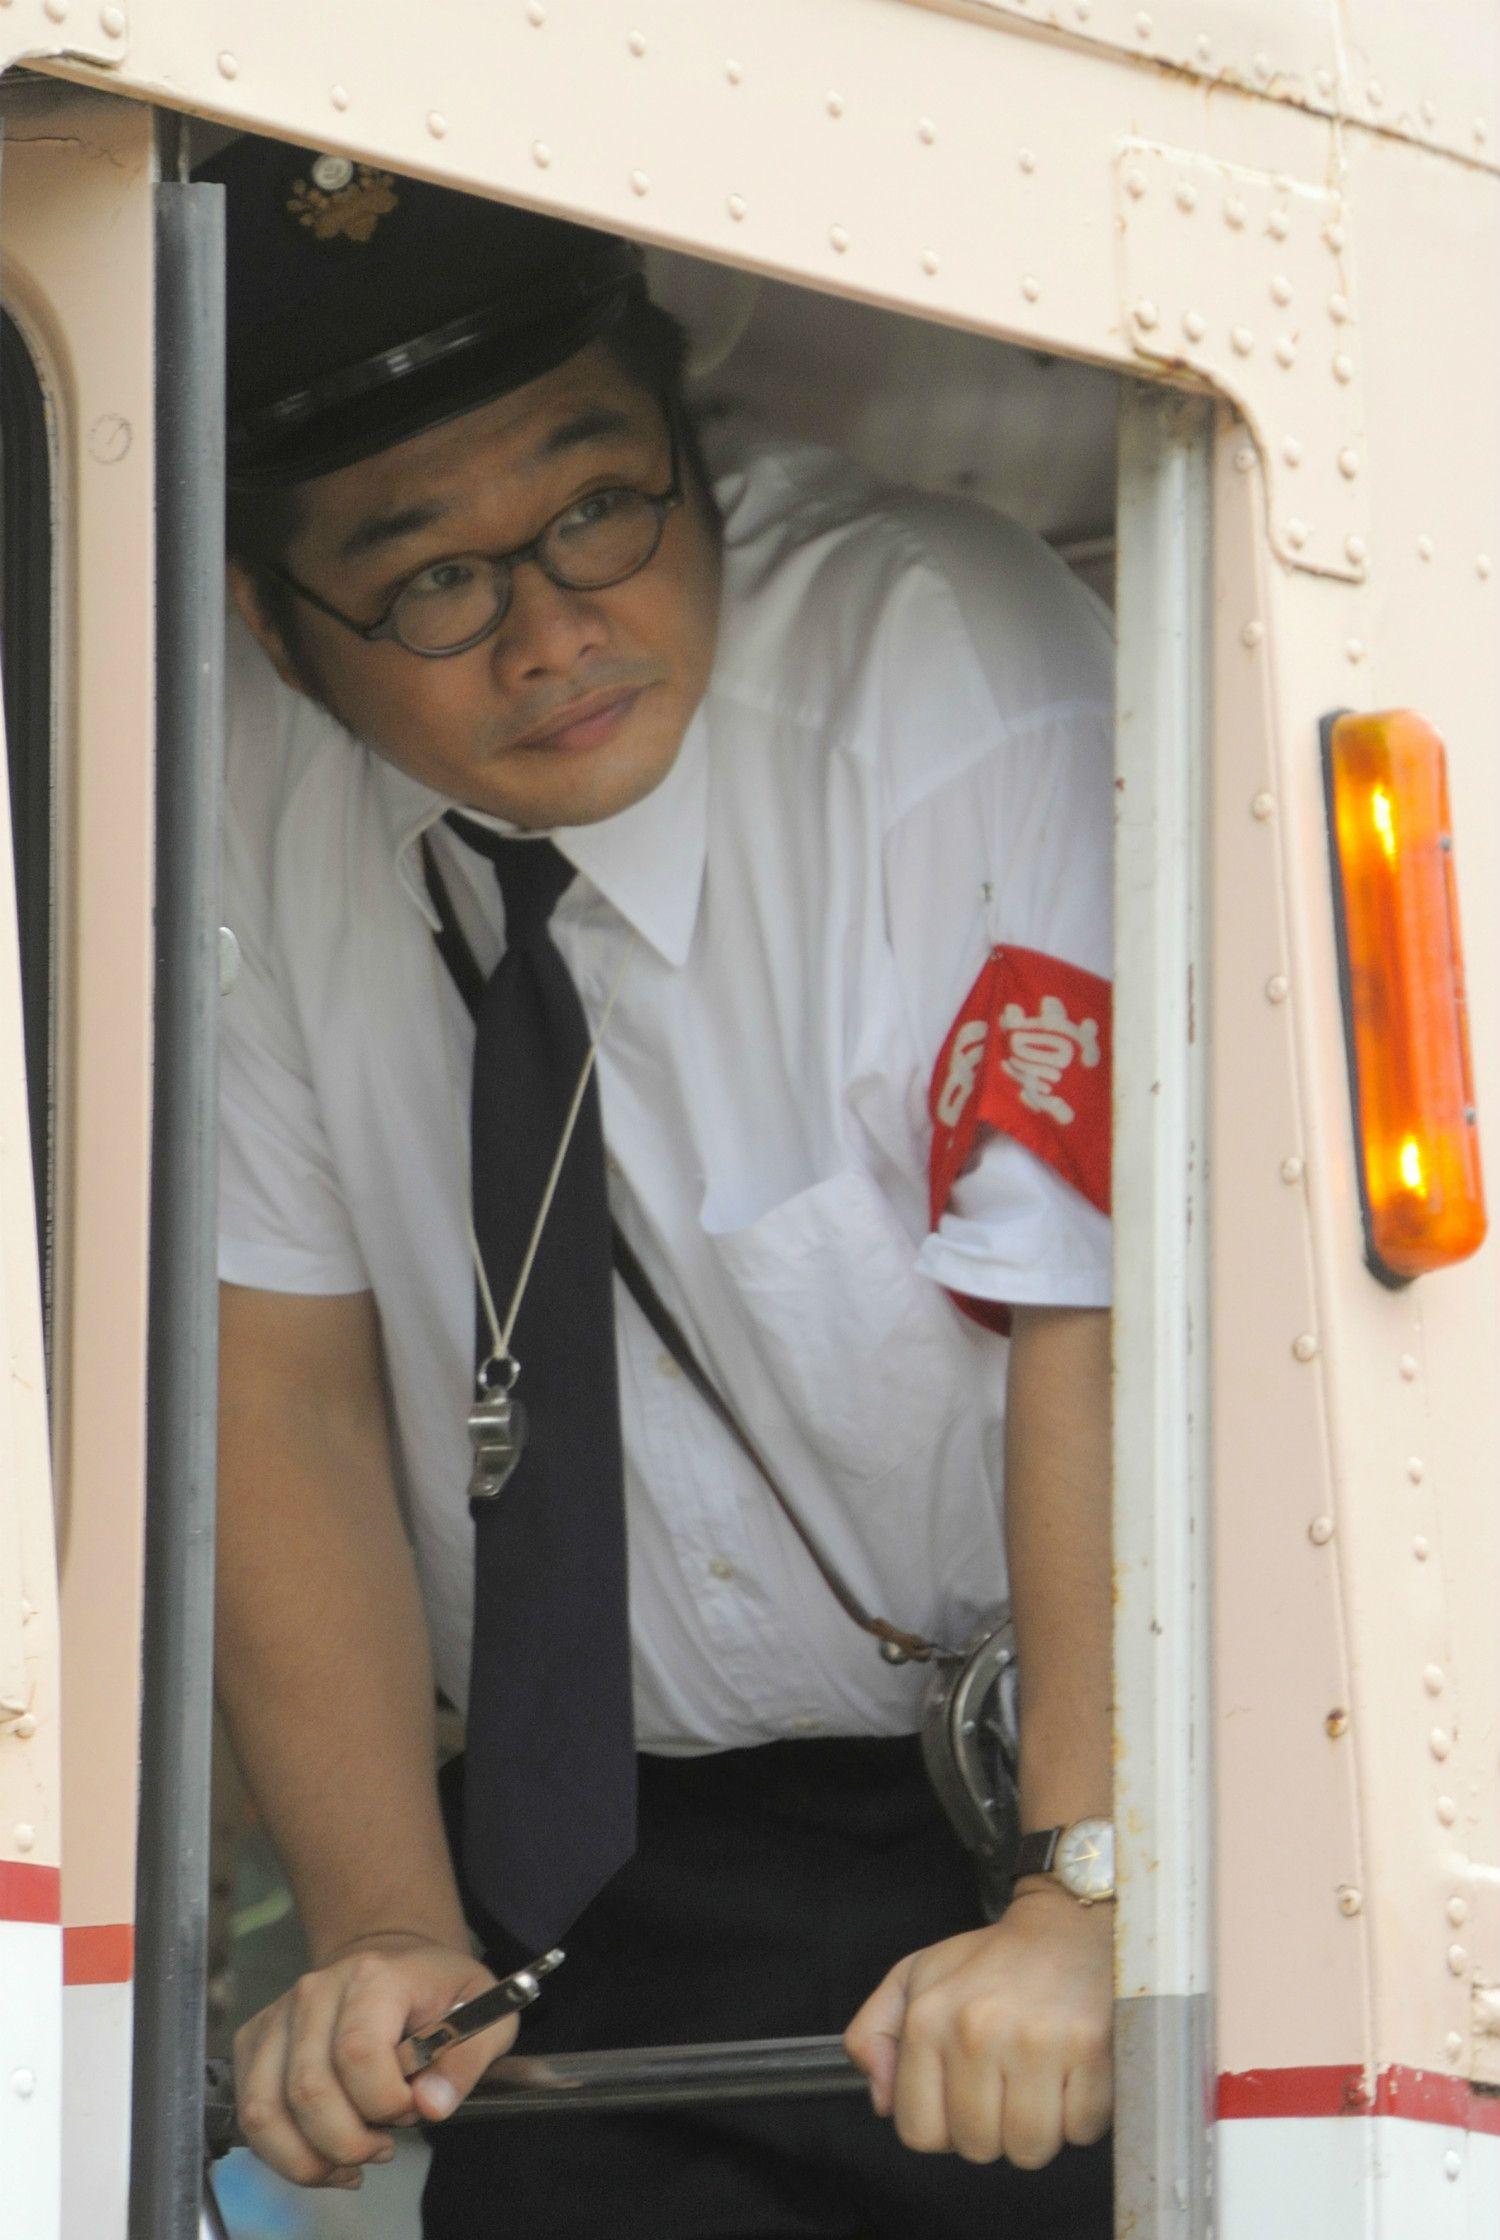 まつお・さとる/俳優。1975年生まれ。「ひよっこ」では奥茨城のバス車掌・益子次郎役を演じる(写真) ©NHK